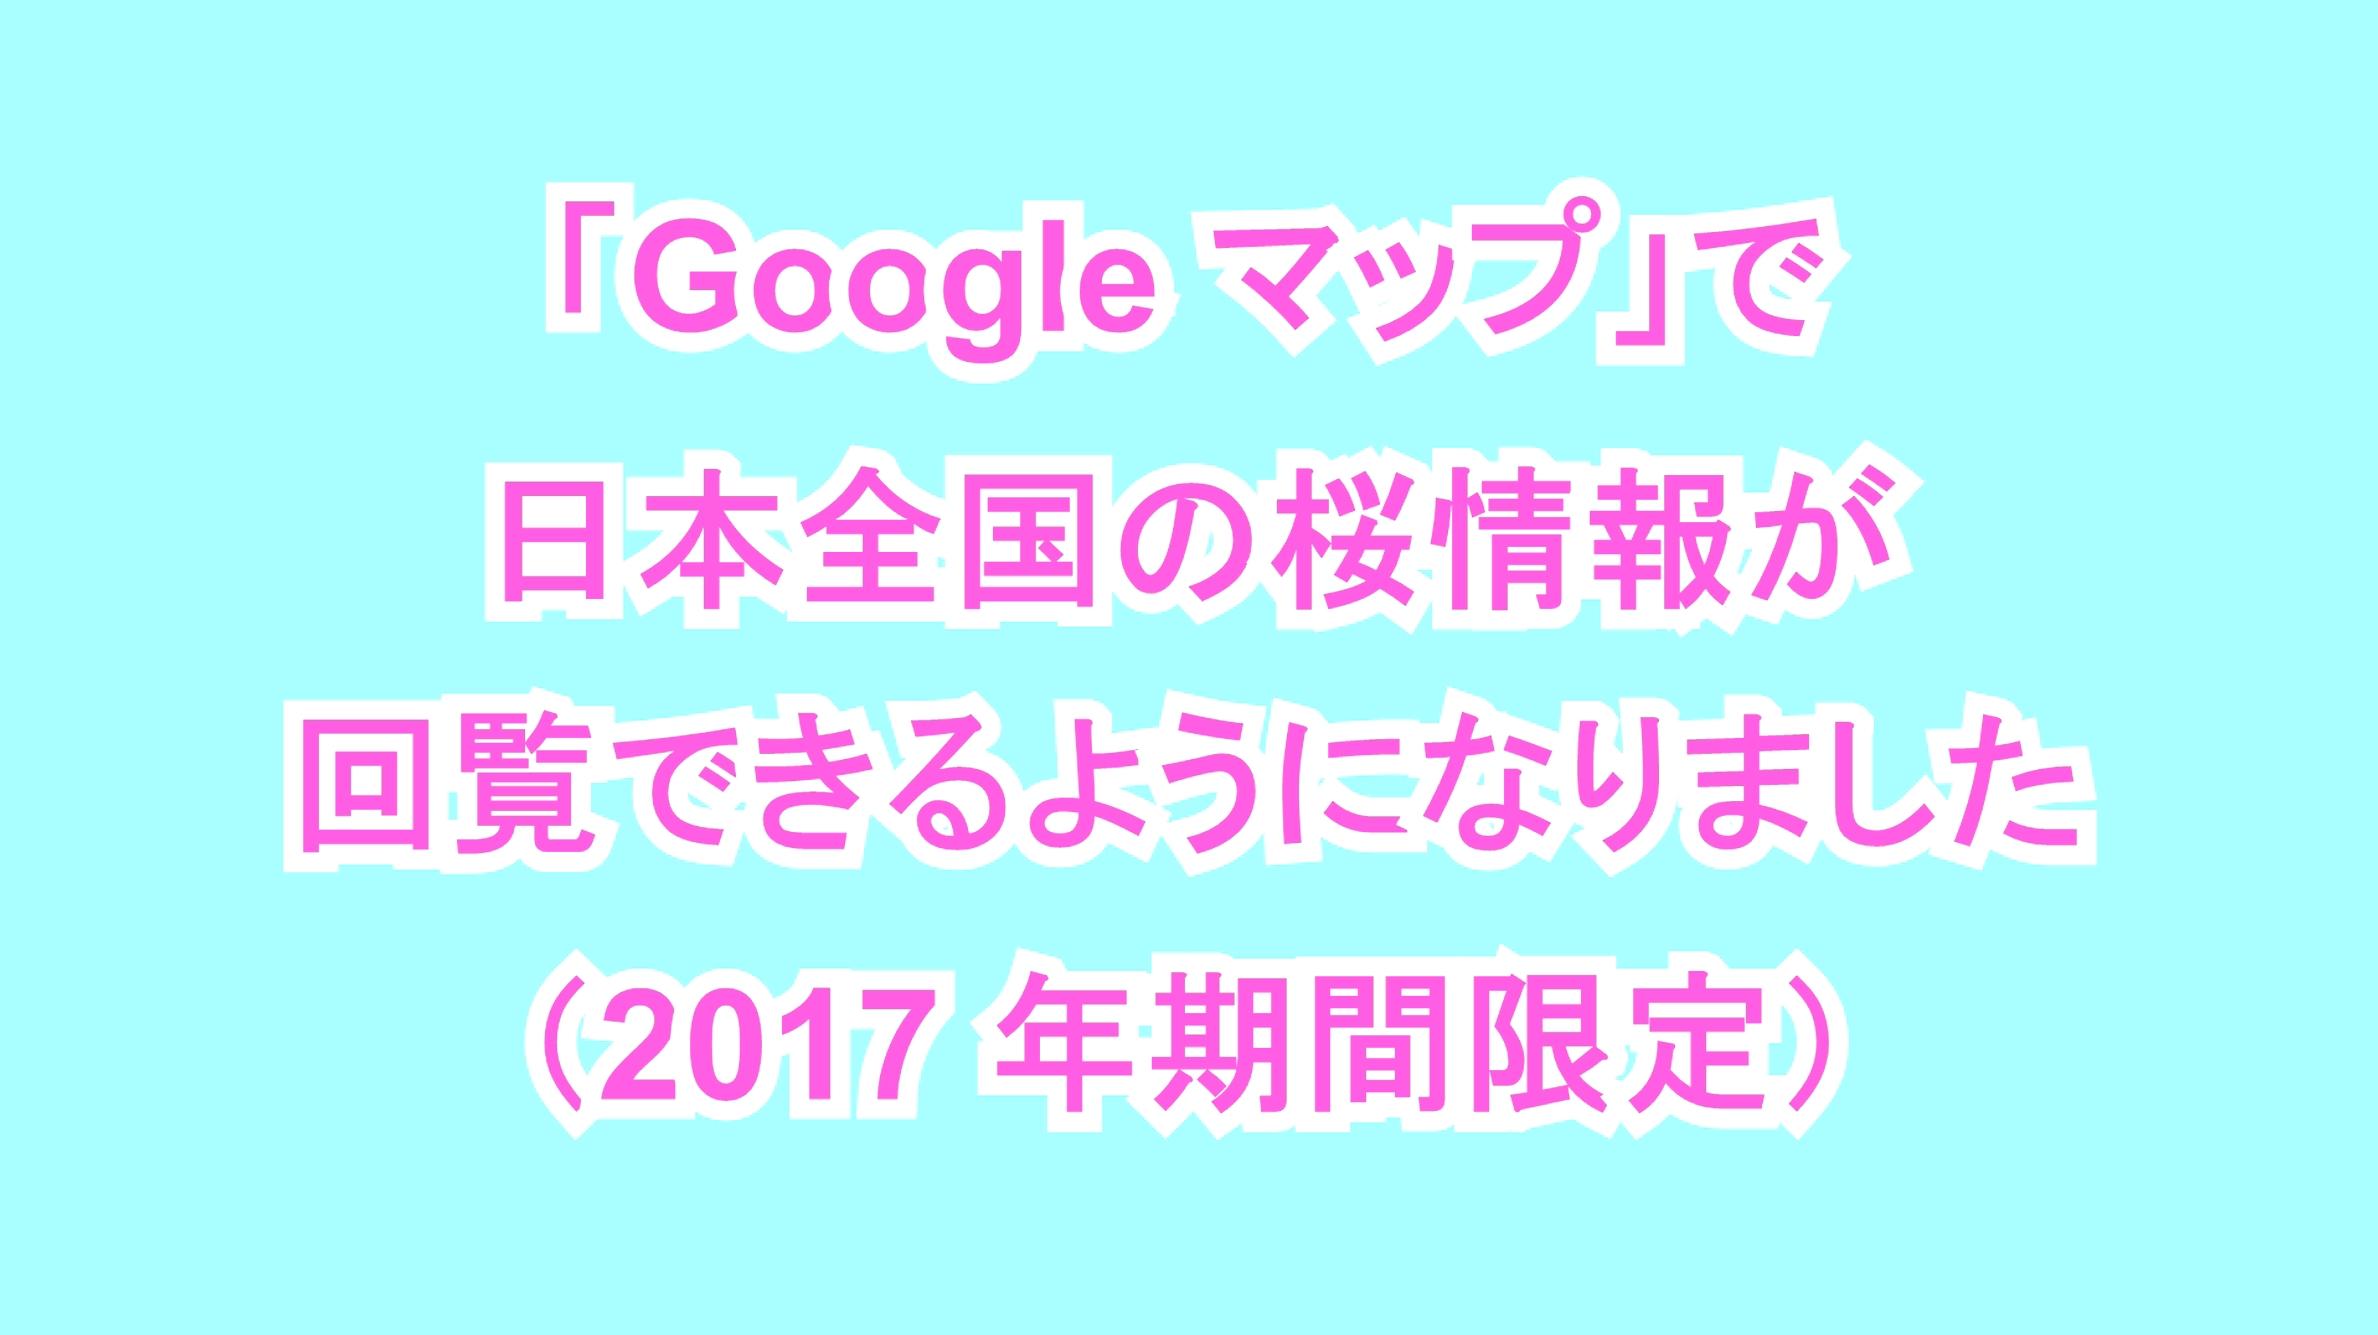 「Google マップ」で日本全国の桜情報が回覧できるようになりました(2017年期間限定)